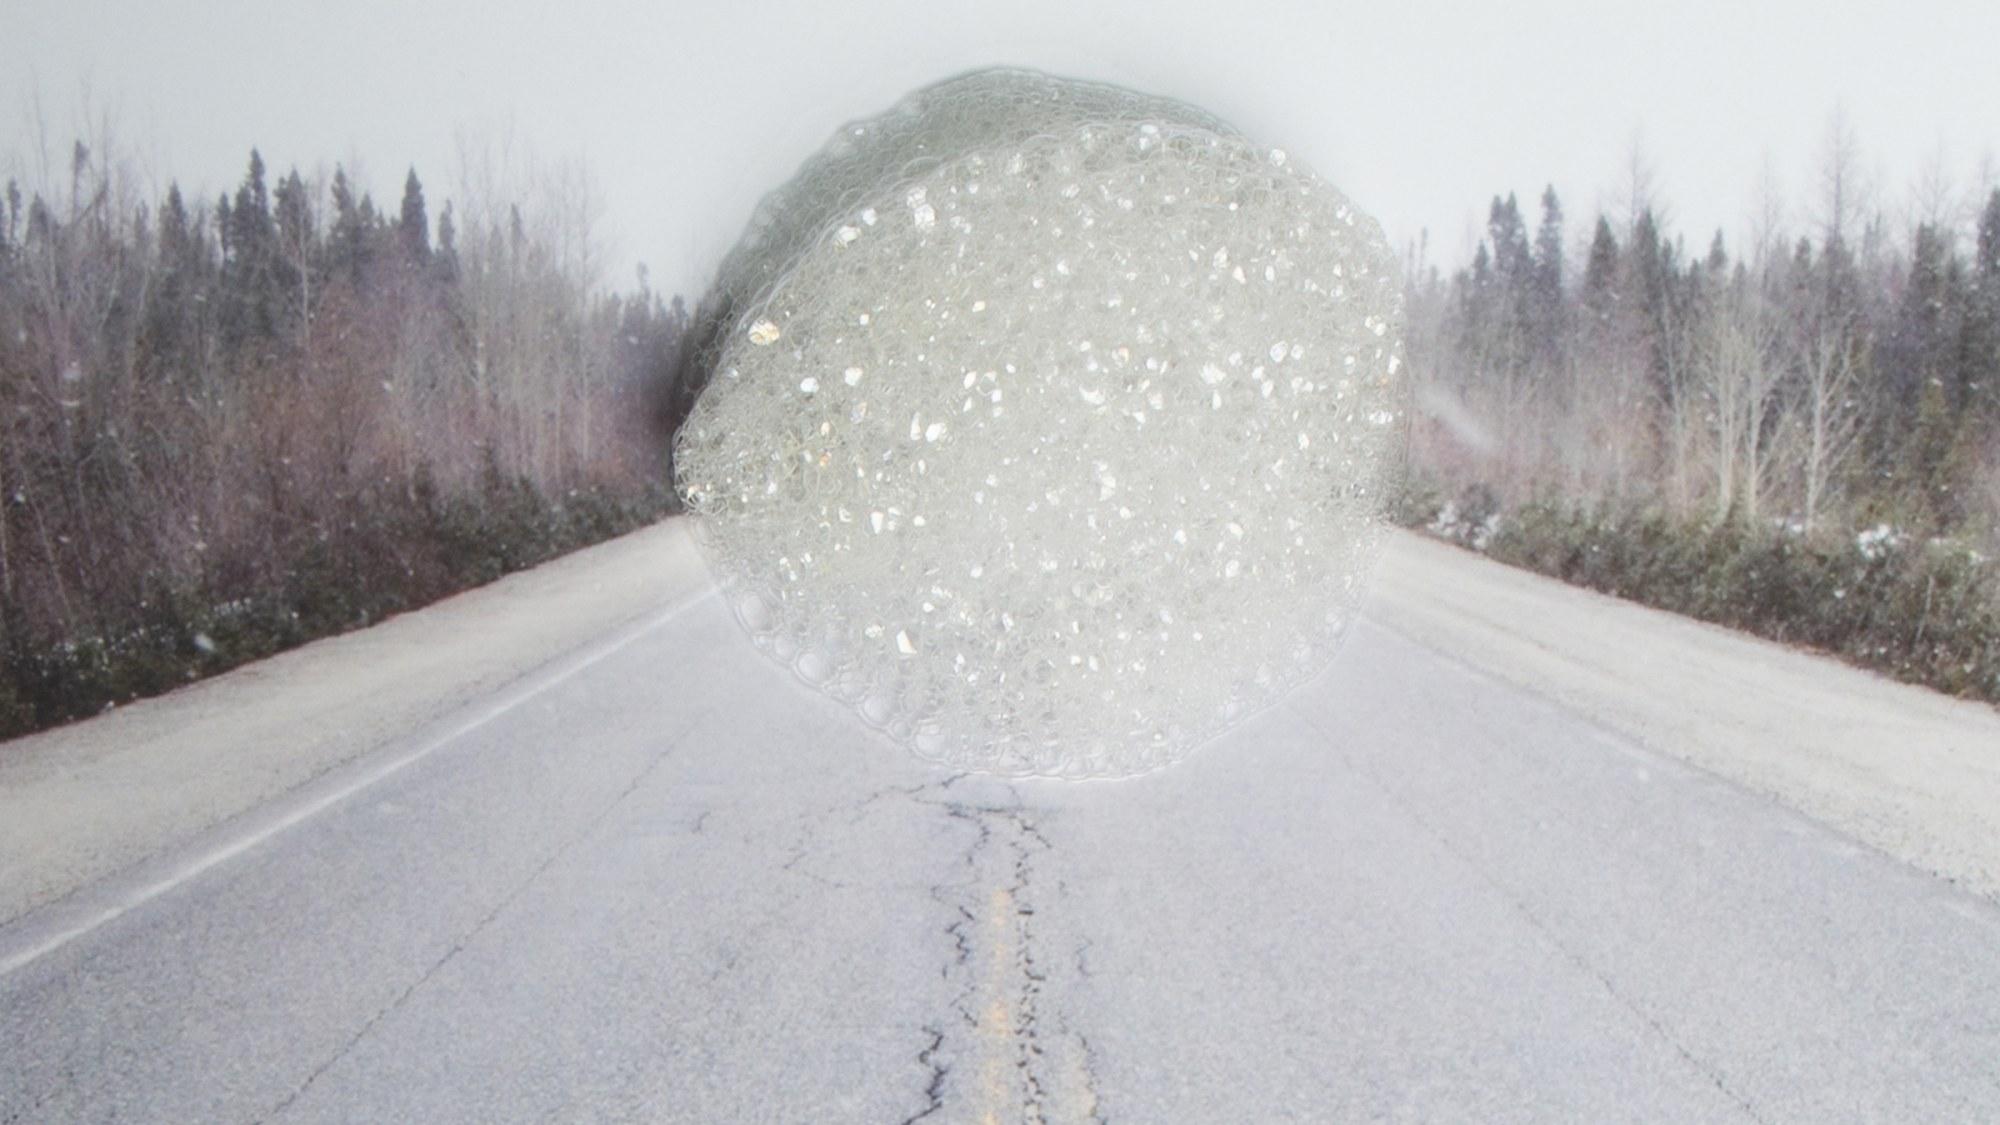 Vanishing Point, les deux voyages de Suzanne W. © Neo Neo